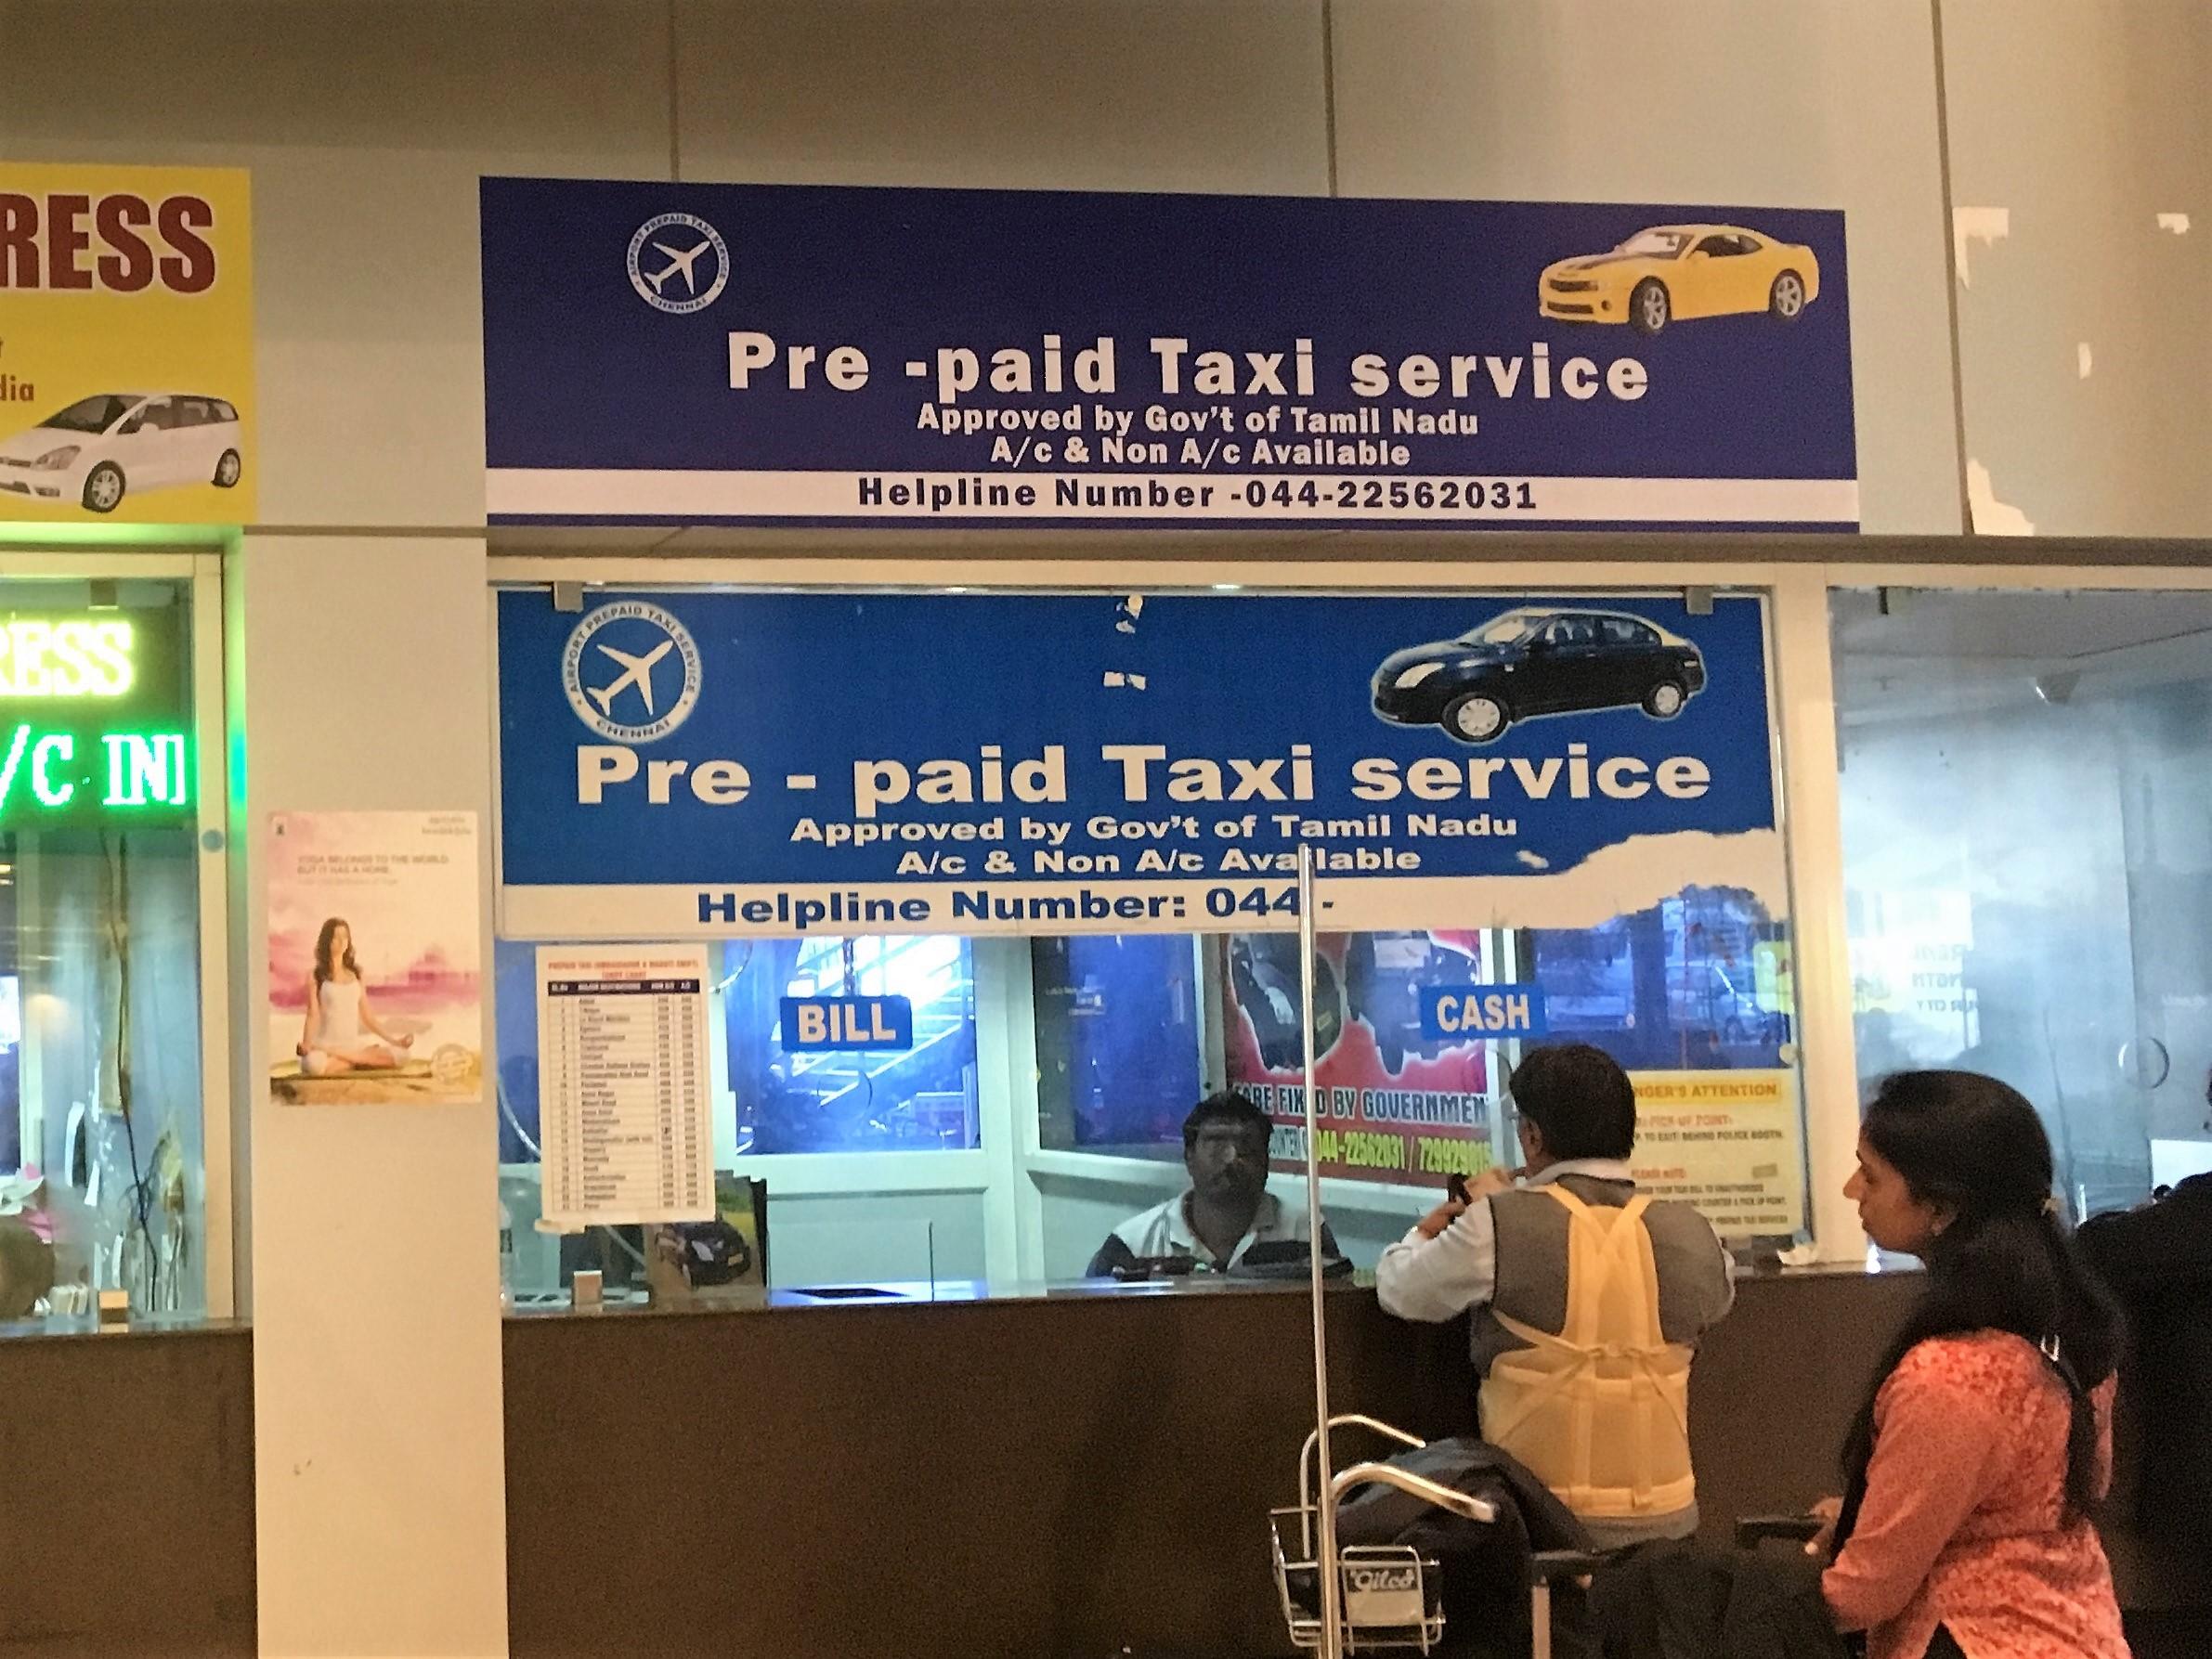 Helpoin ja nopein tapaa päästä lentokentältä hotellille on ehdottomasti pre-paid taksi. Menet tiskille, sanot päämäärän ja maksat pyydetyn summan, saat lipun ja menet taksille. Ei tarvitse enää tinkiä tai selitellä minne olet menossa... Lentokentältä meidän hotellille, Chennain keskustassa, matkaa on noin 30 minuuttia ja koko lysti kustansi 450 Rupia eli 8 euroa.